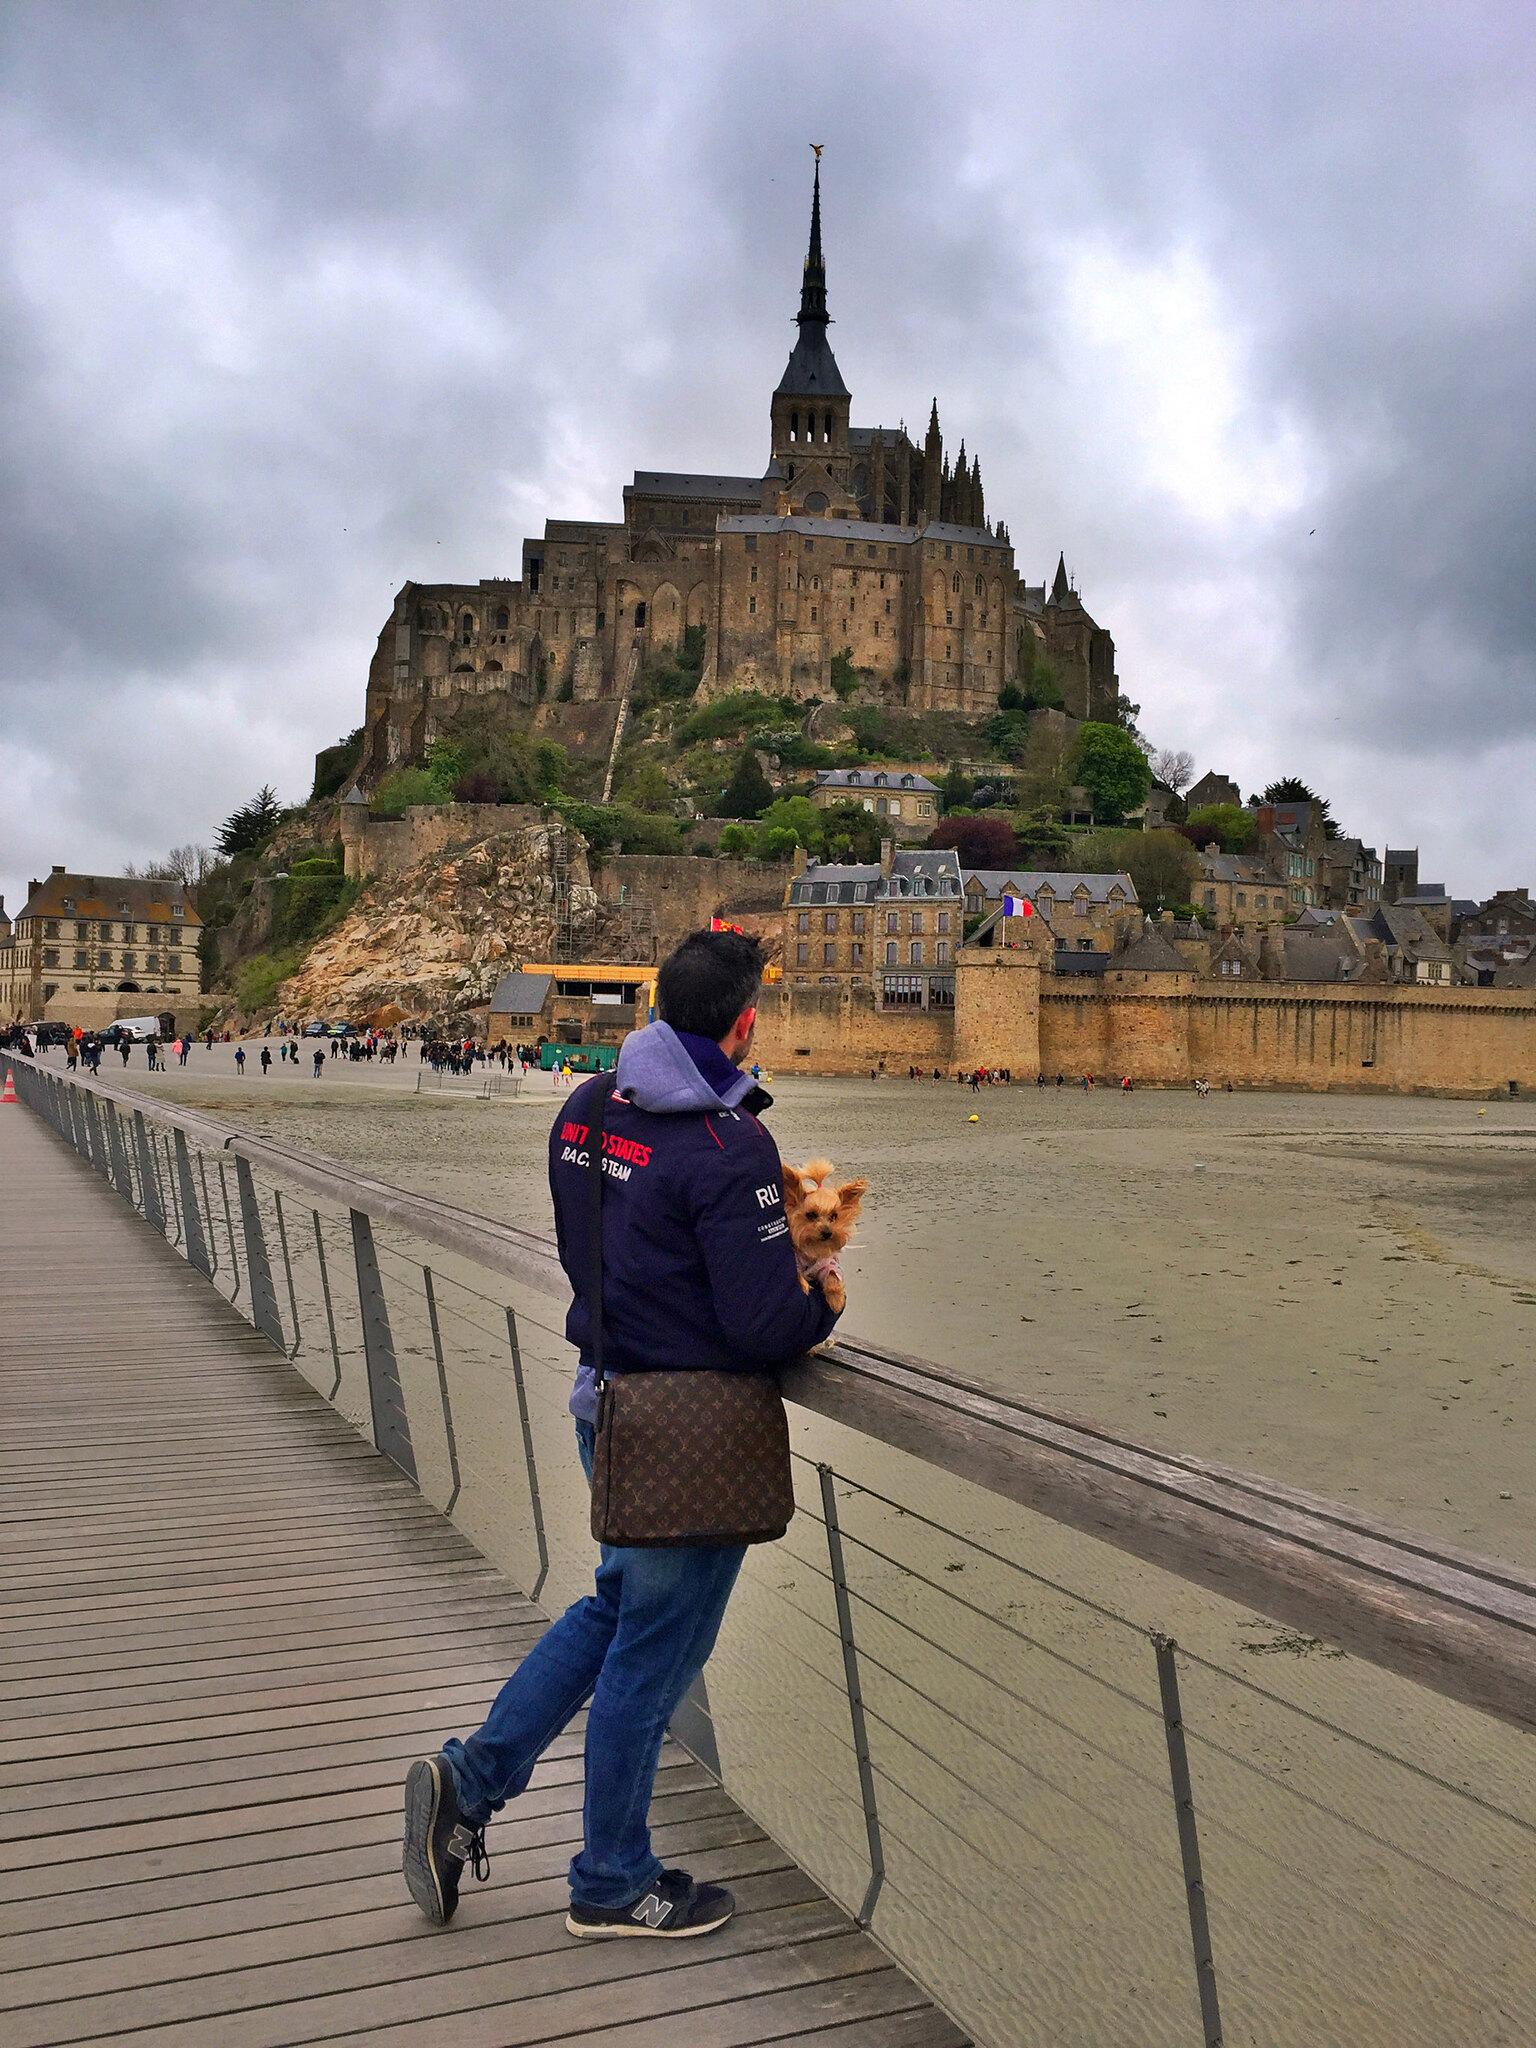 Mont Saint-Michel, France / Monte Saint-Michel, Francia mont saint-michel - 37669381996 a5e5a8a0f7 k - Visitar el Mont Saint-Michel